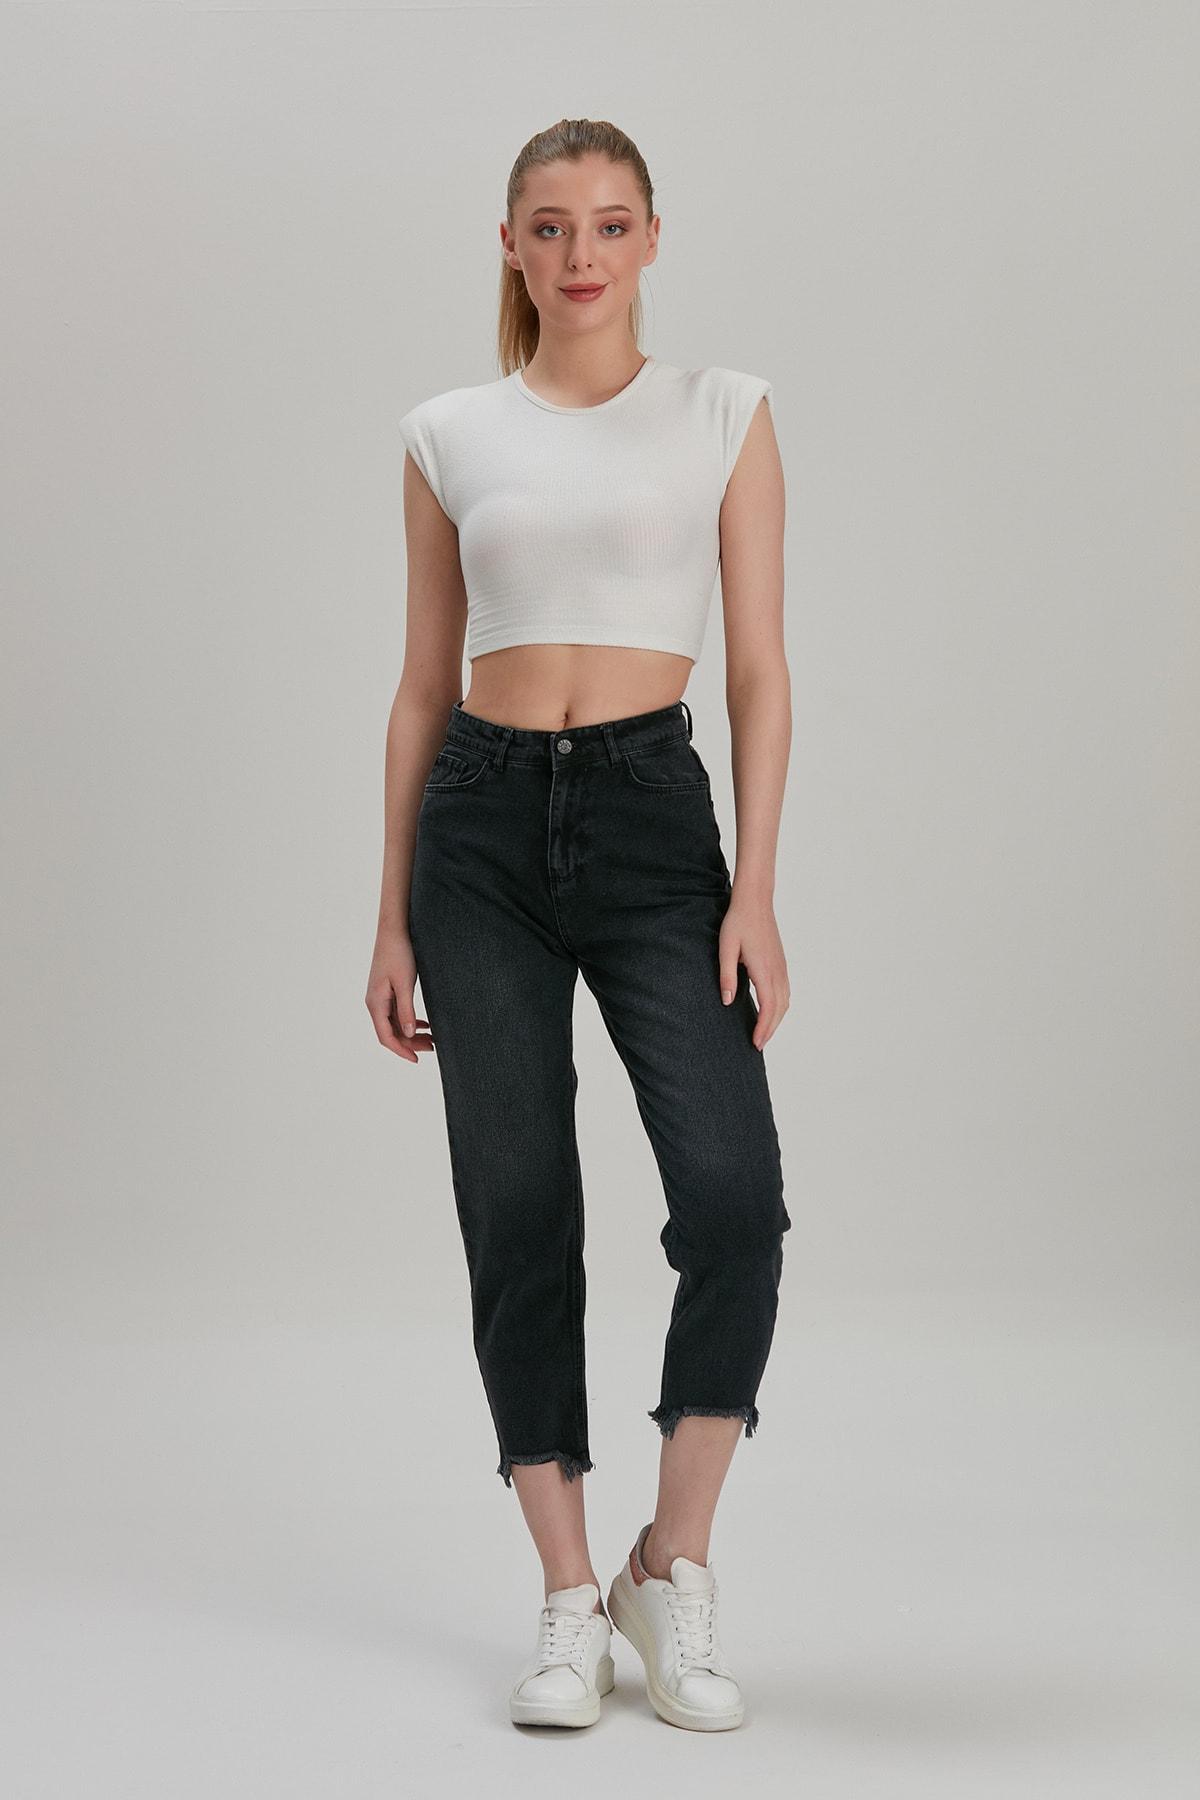 Modaca Kadın Siyah Mom Style Paça Püskül Detay Jean 1